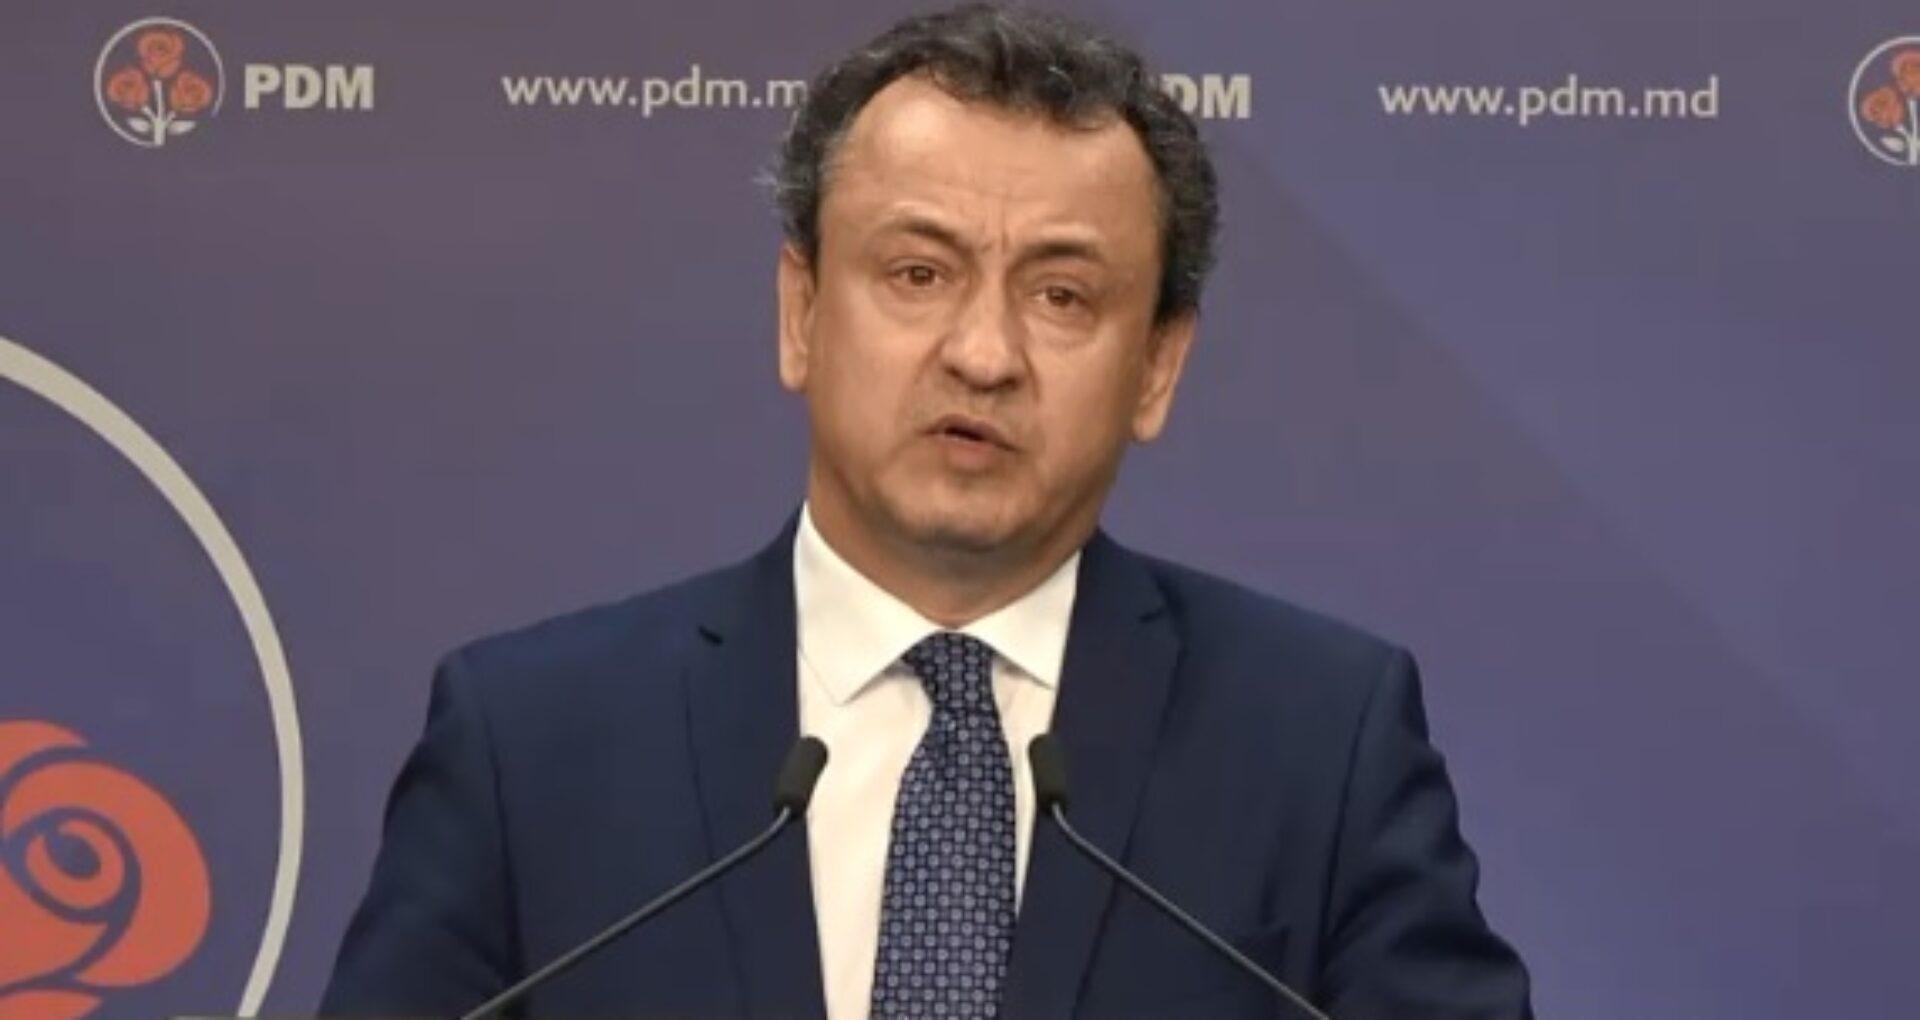 Purtătorul de cuvânt al PDM-ului REFUZĂ să vorbească despre dosarul în care este vizat Vlad Plahotniuc